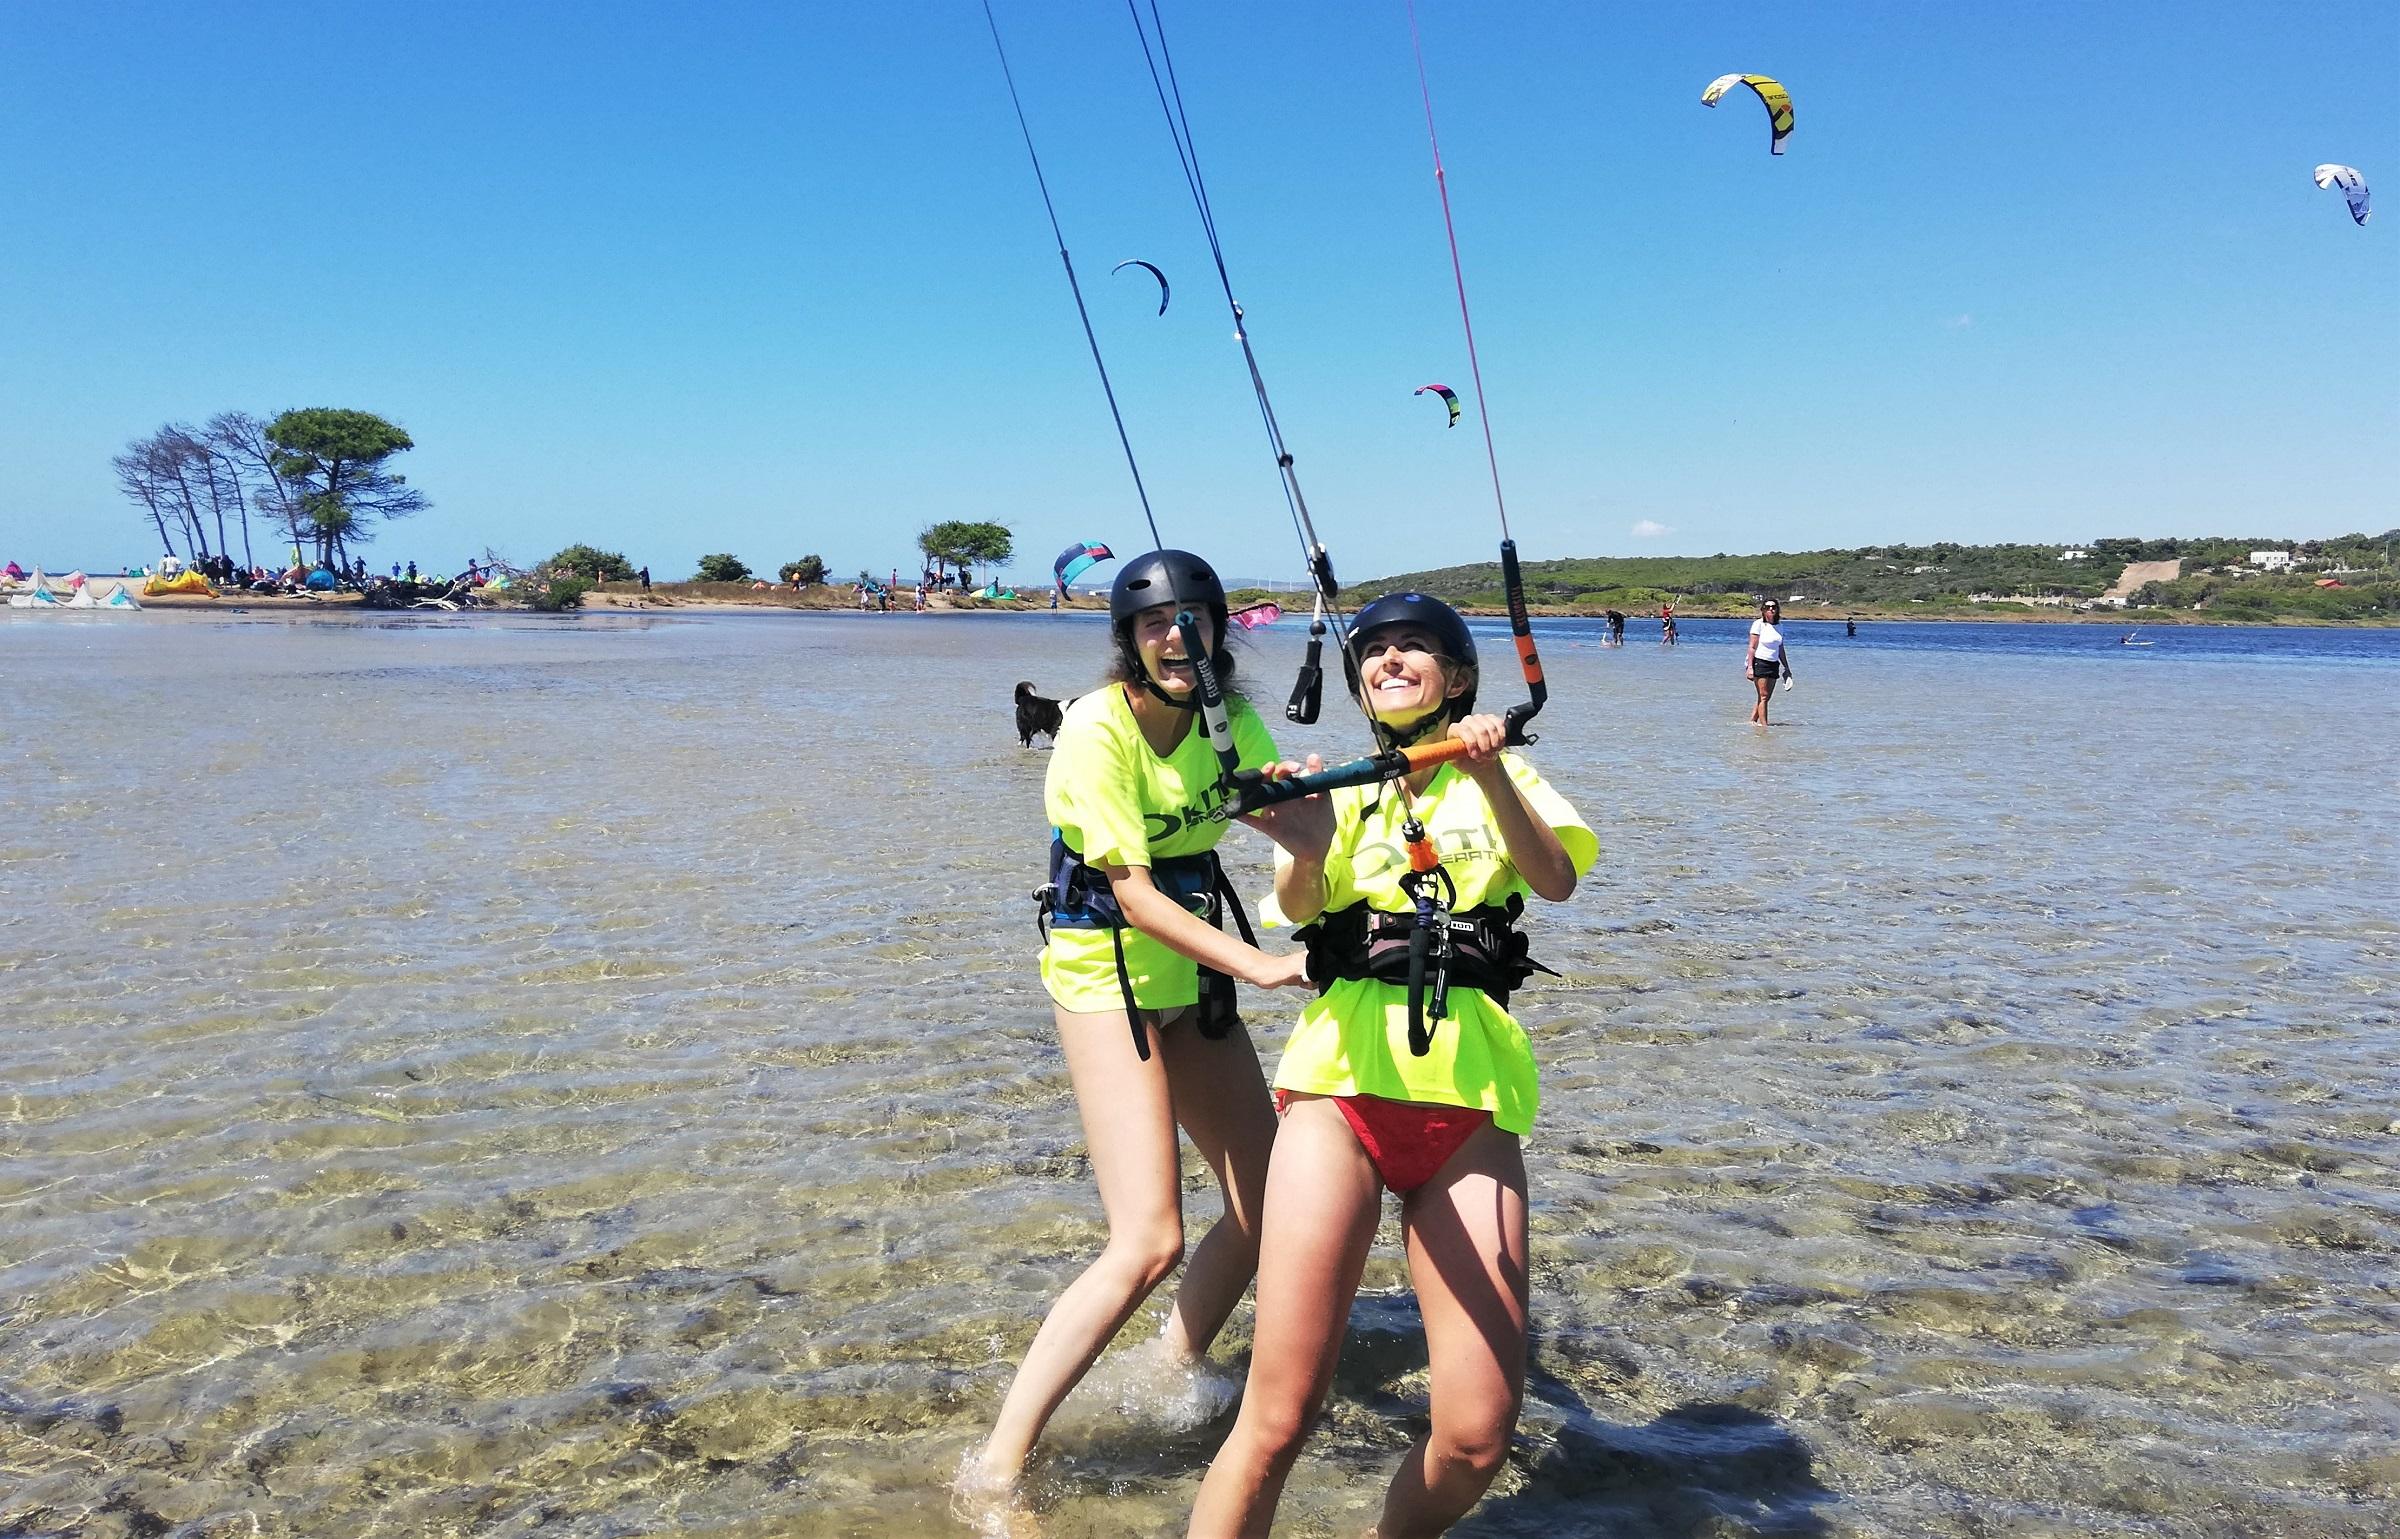 lezioni di kitesurf a Punta Trettu, con acqua piatta e bassa